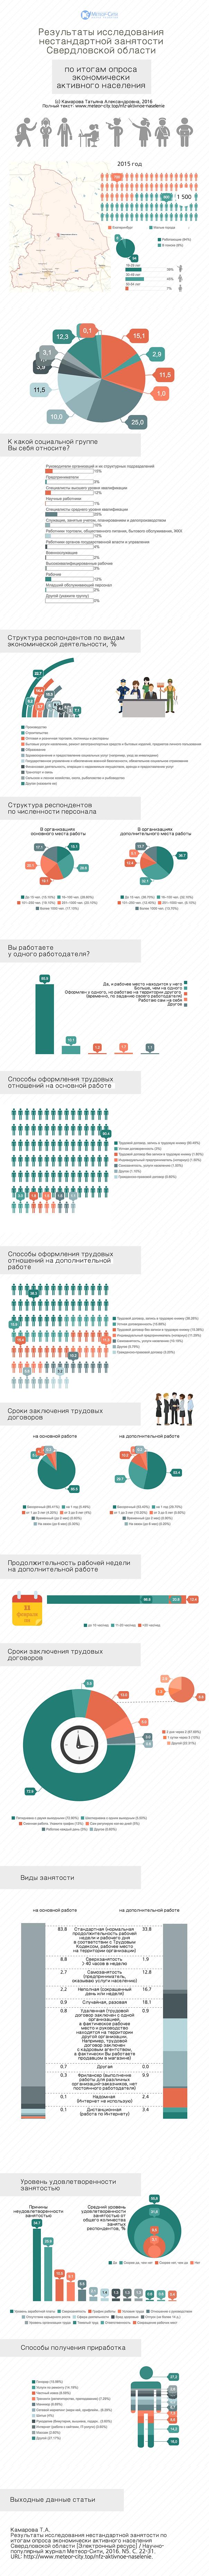 инфографика-нестандартная занятость